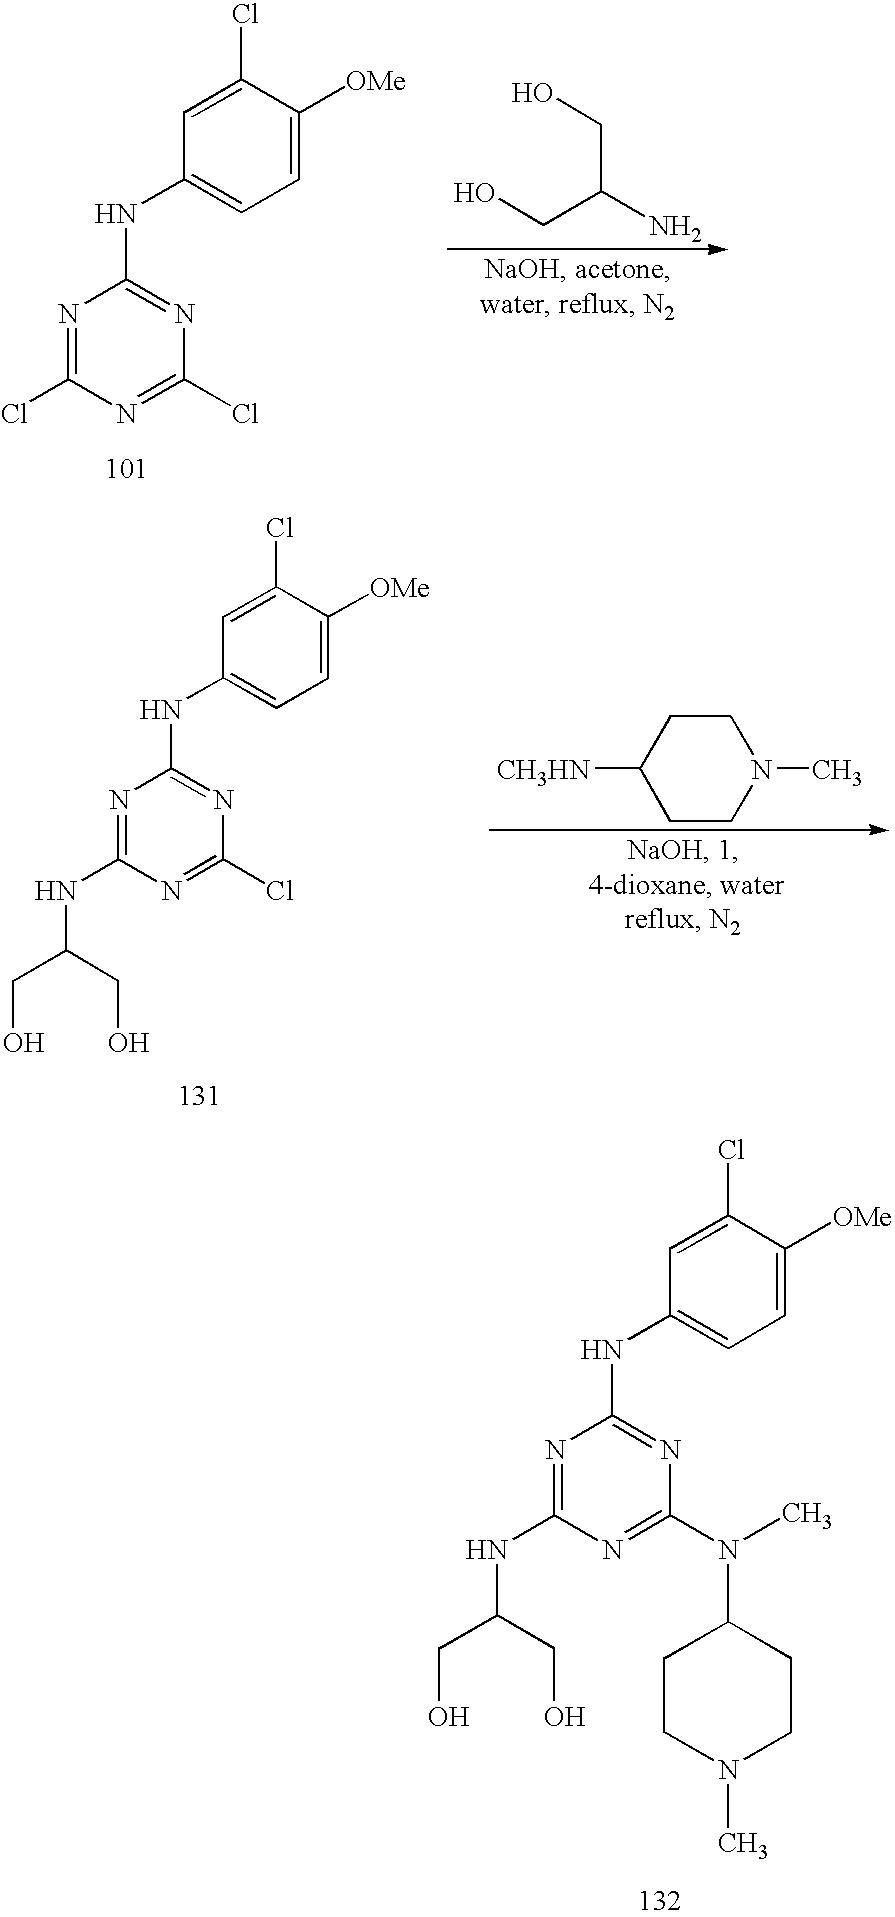 Figure US20050113341A1-20050526-C00158